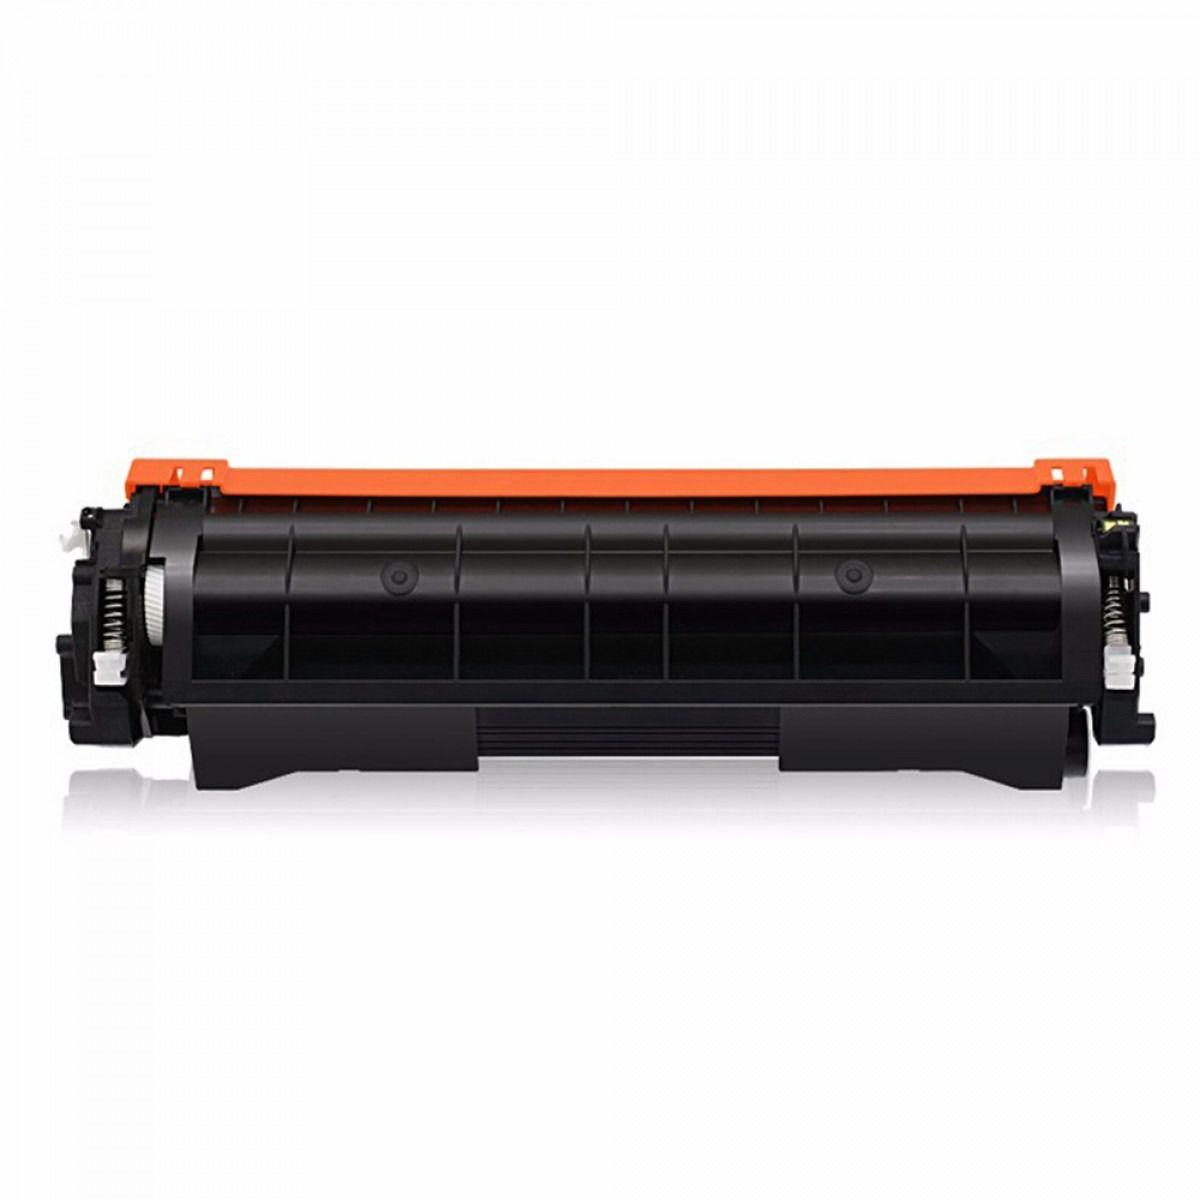 TONER COMPATÍVEL COM HP CF230X 30X M203 M227 M203DW M203DN M227FDW M227SDN 3.500 Páginas - Cartucho & Cia